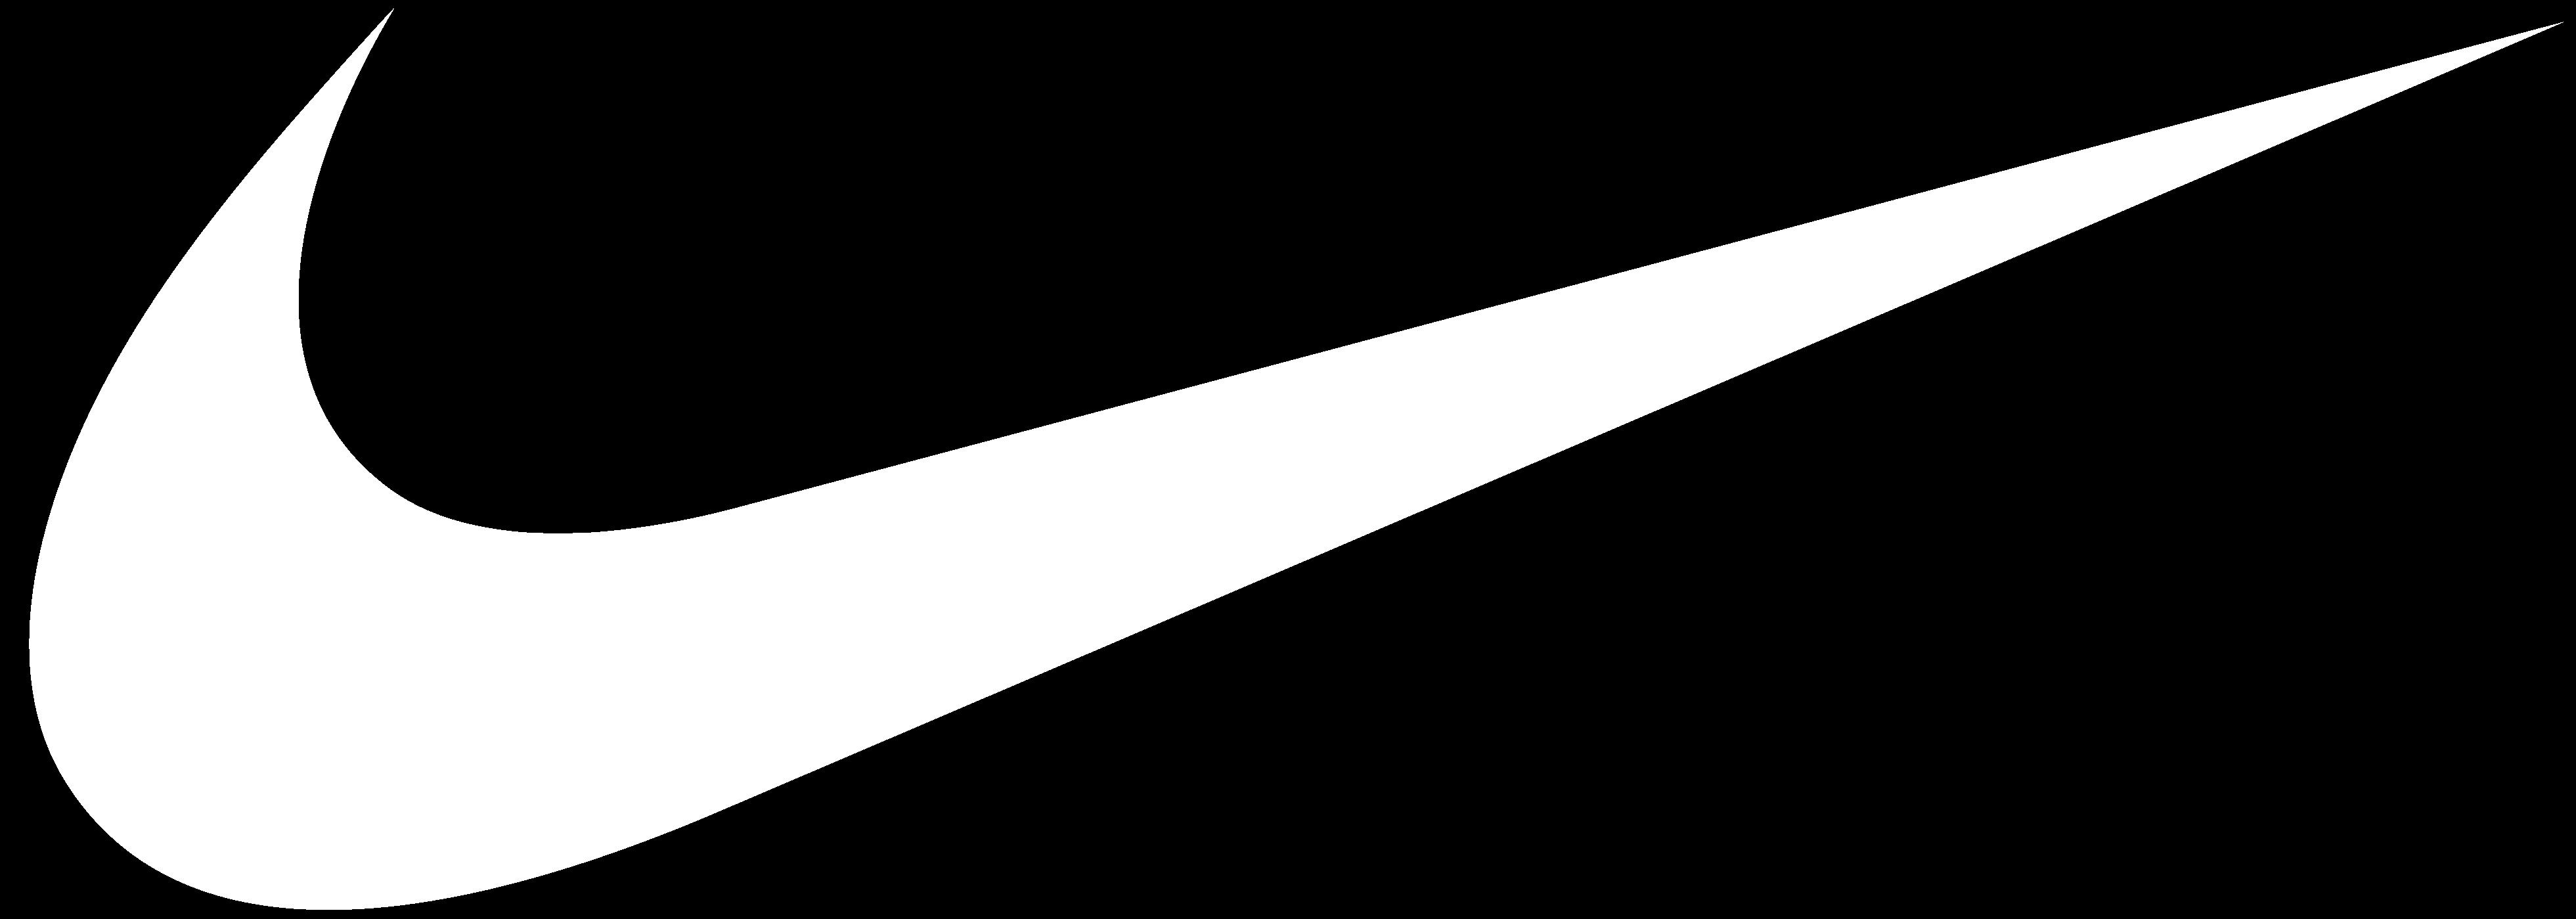 Nike HD PNG - 90920